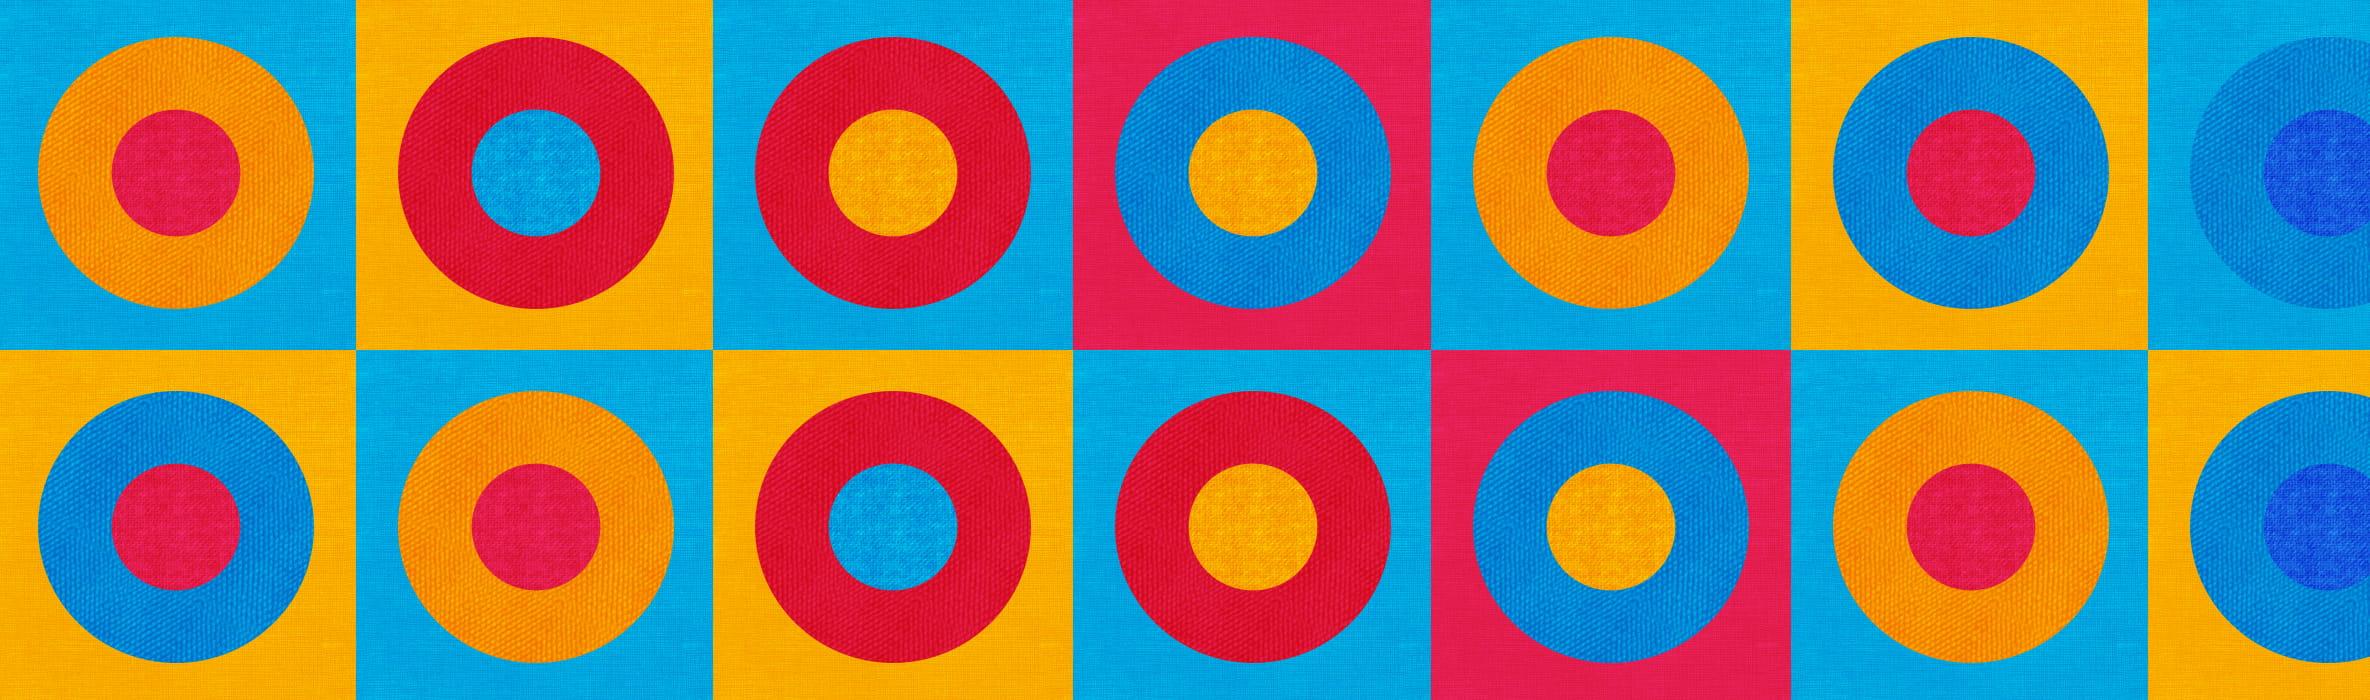 Veelkleurig patroon